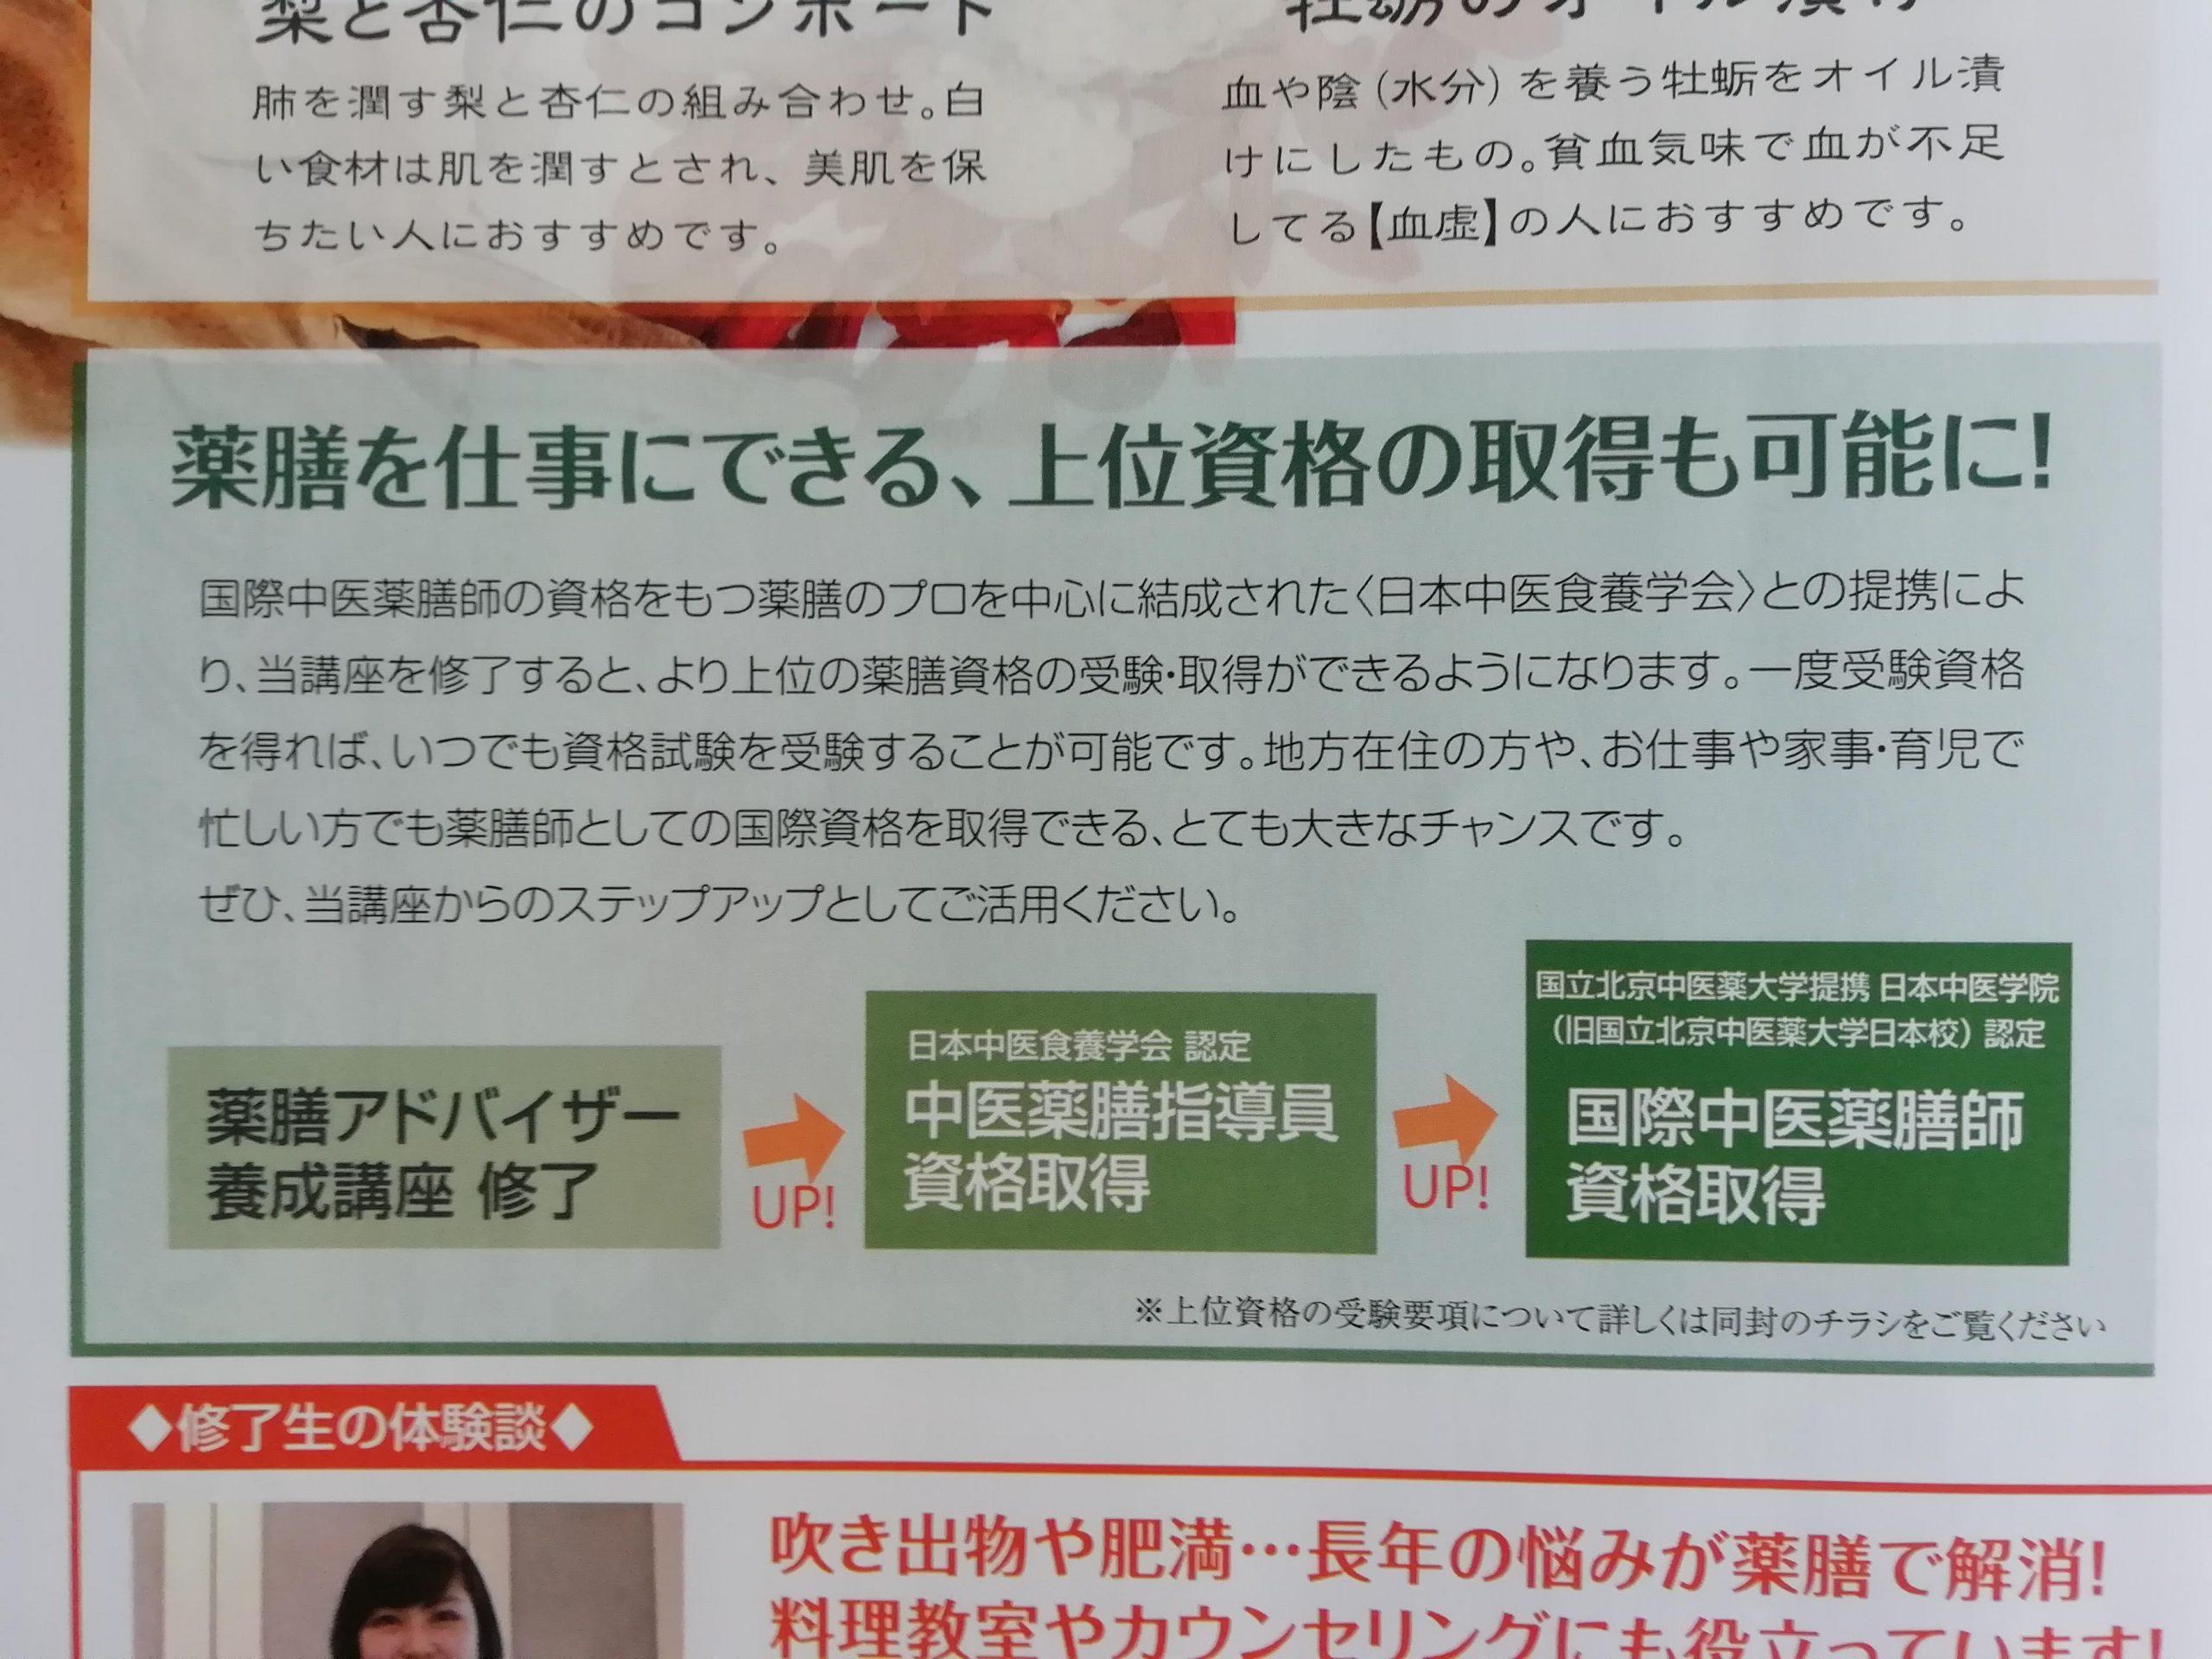 薬膳 通信講座 東京カルチャーセンター